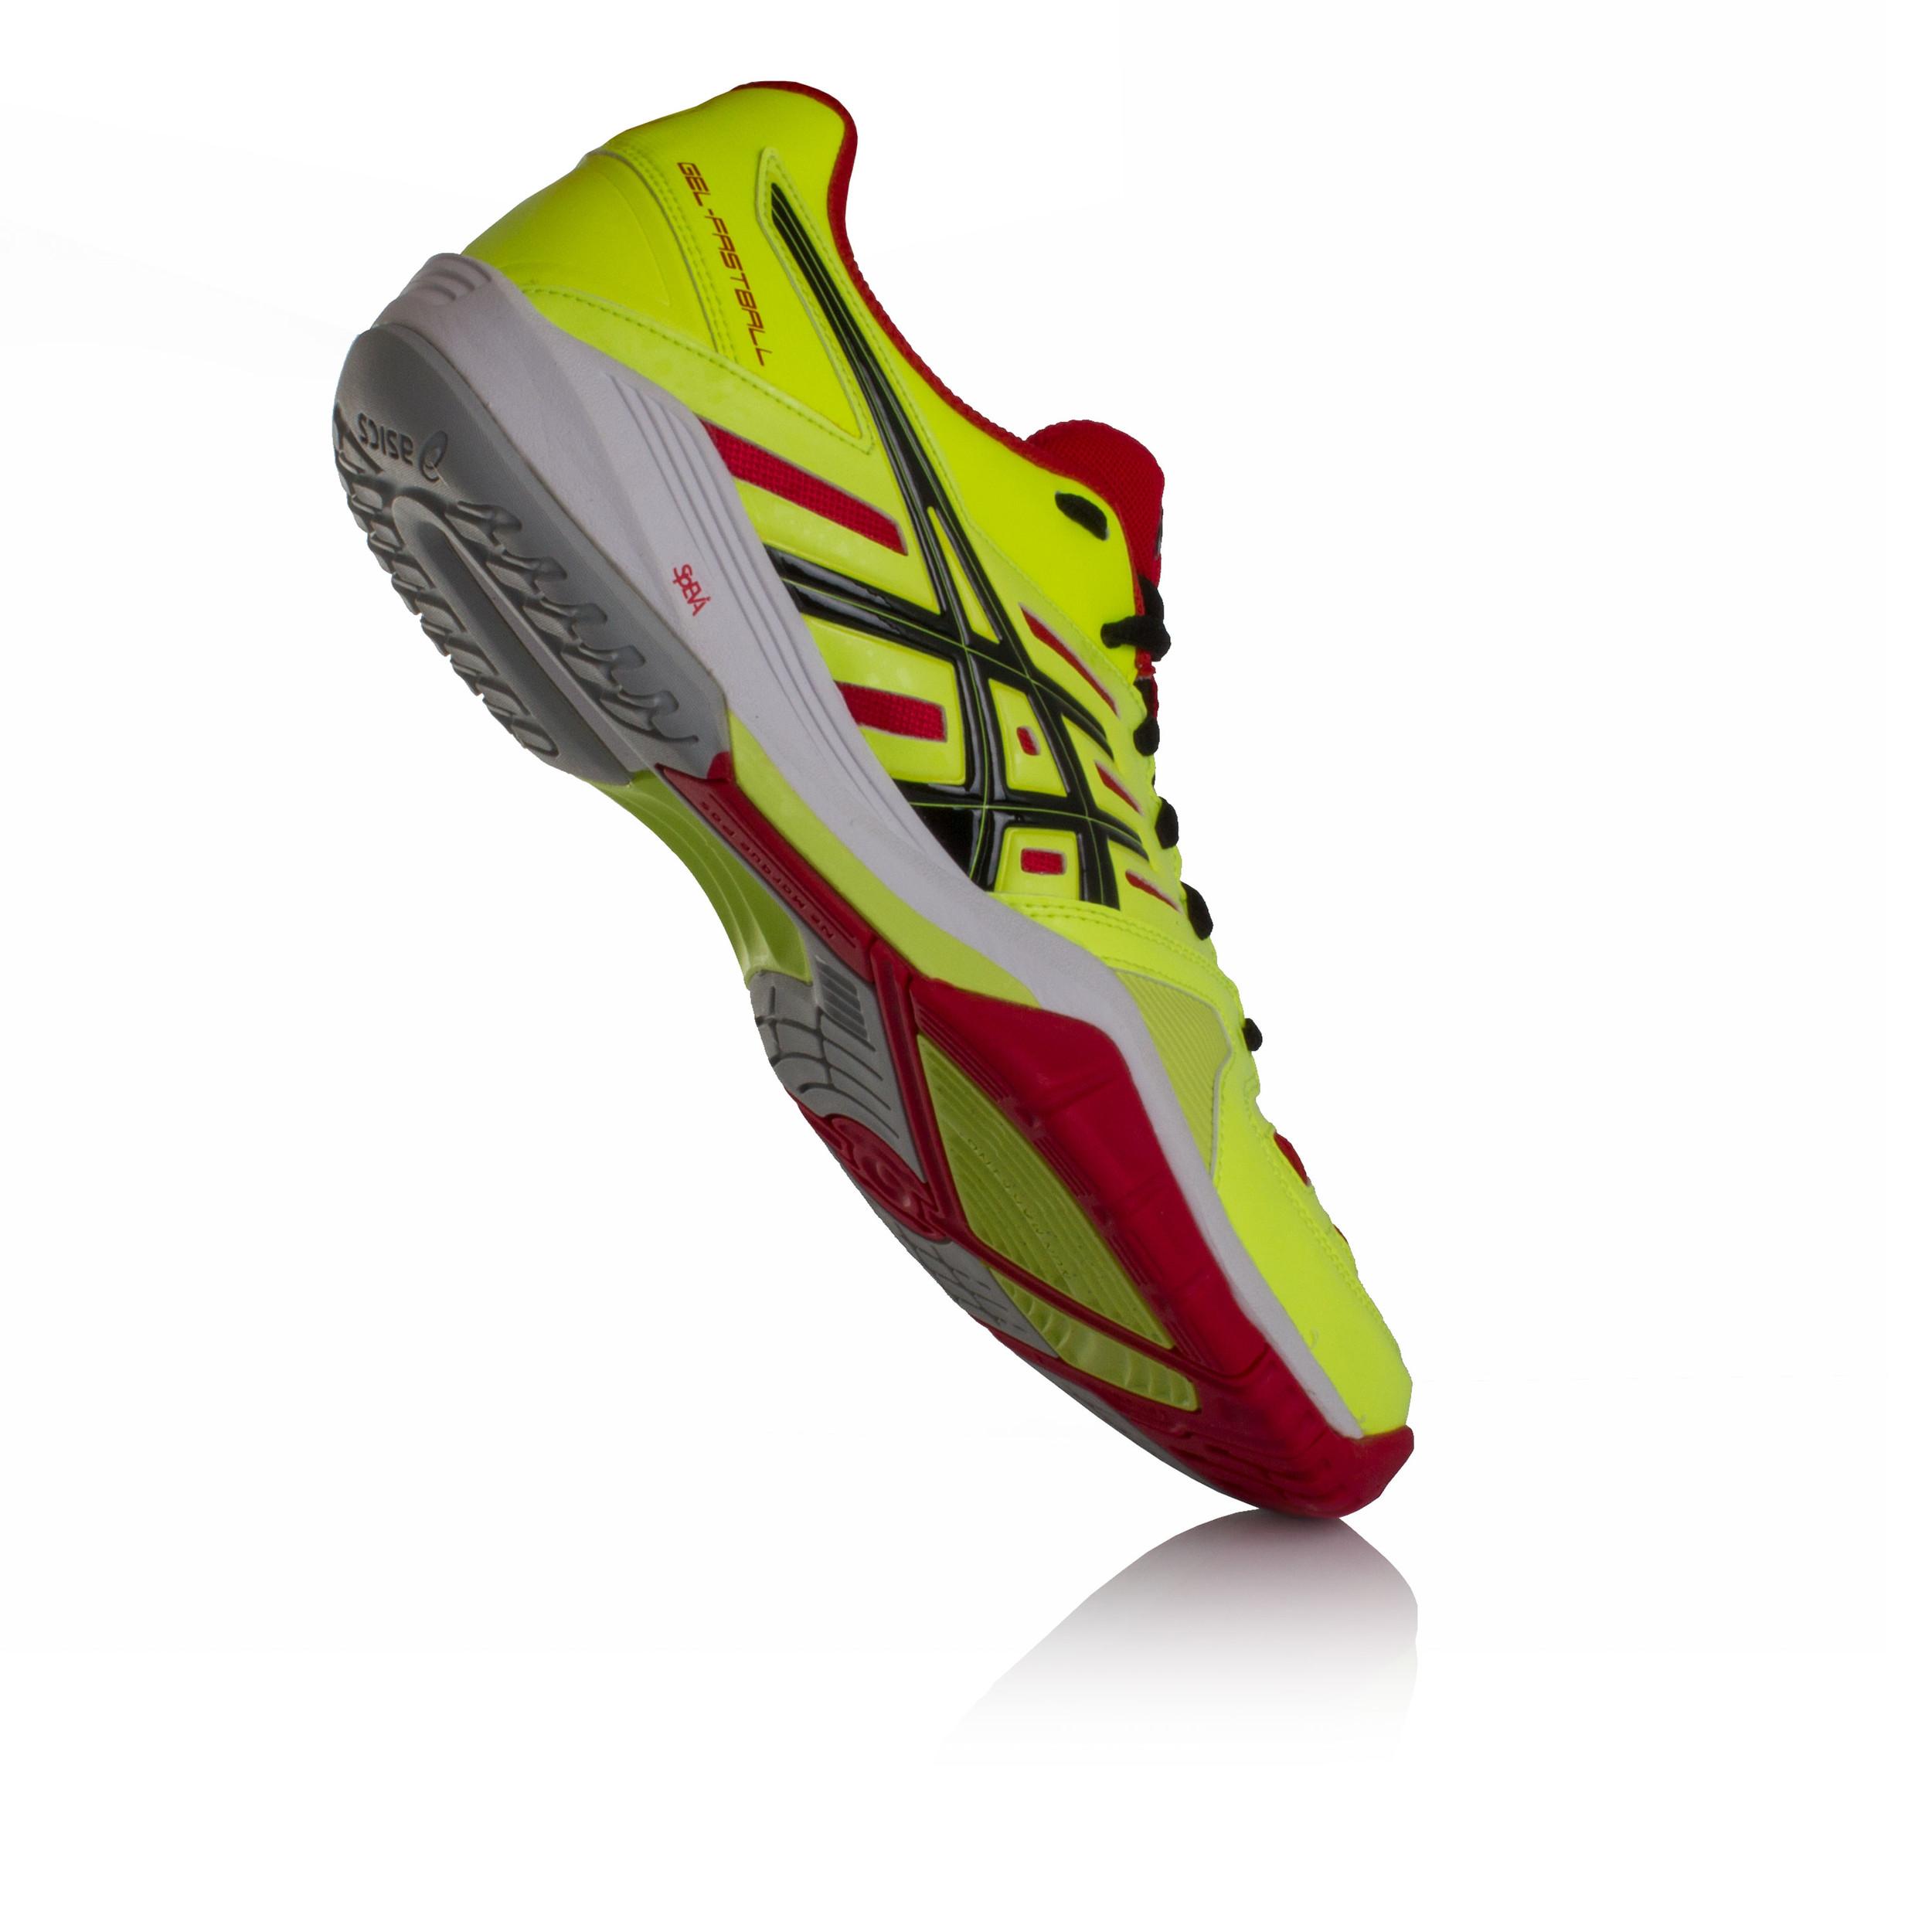 Fastball Chaussures Gel Jaune 7qzvw En Rouge Salle Sport Asics Homme nk08wOP